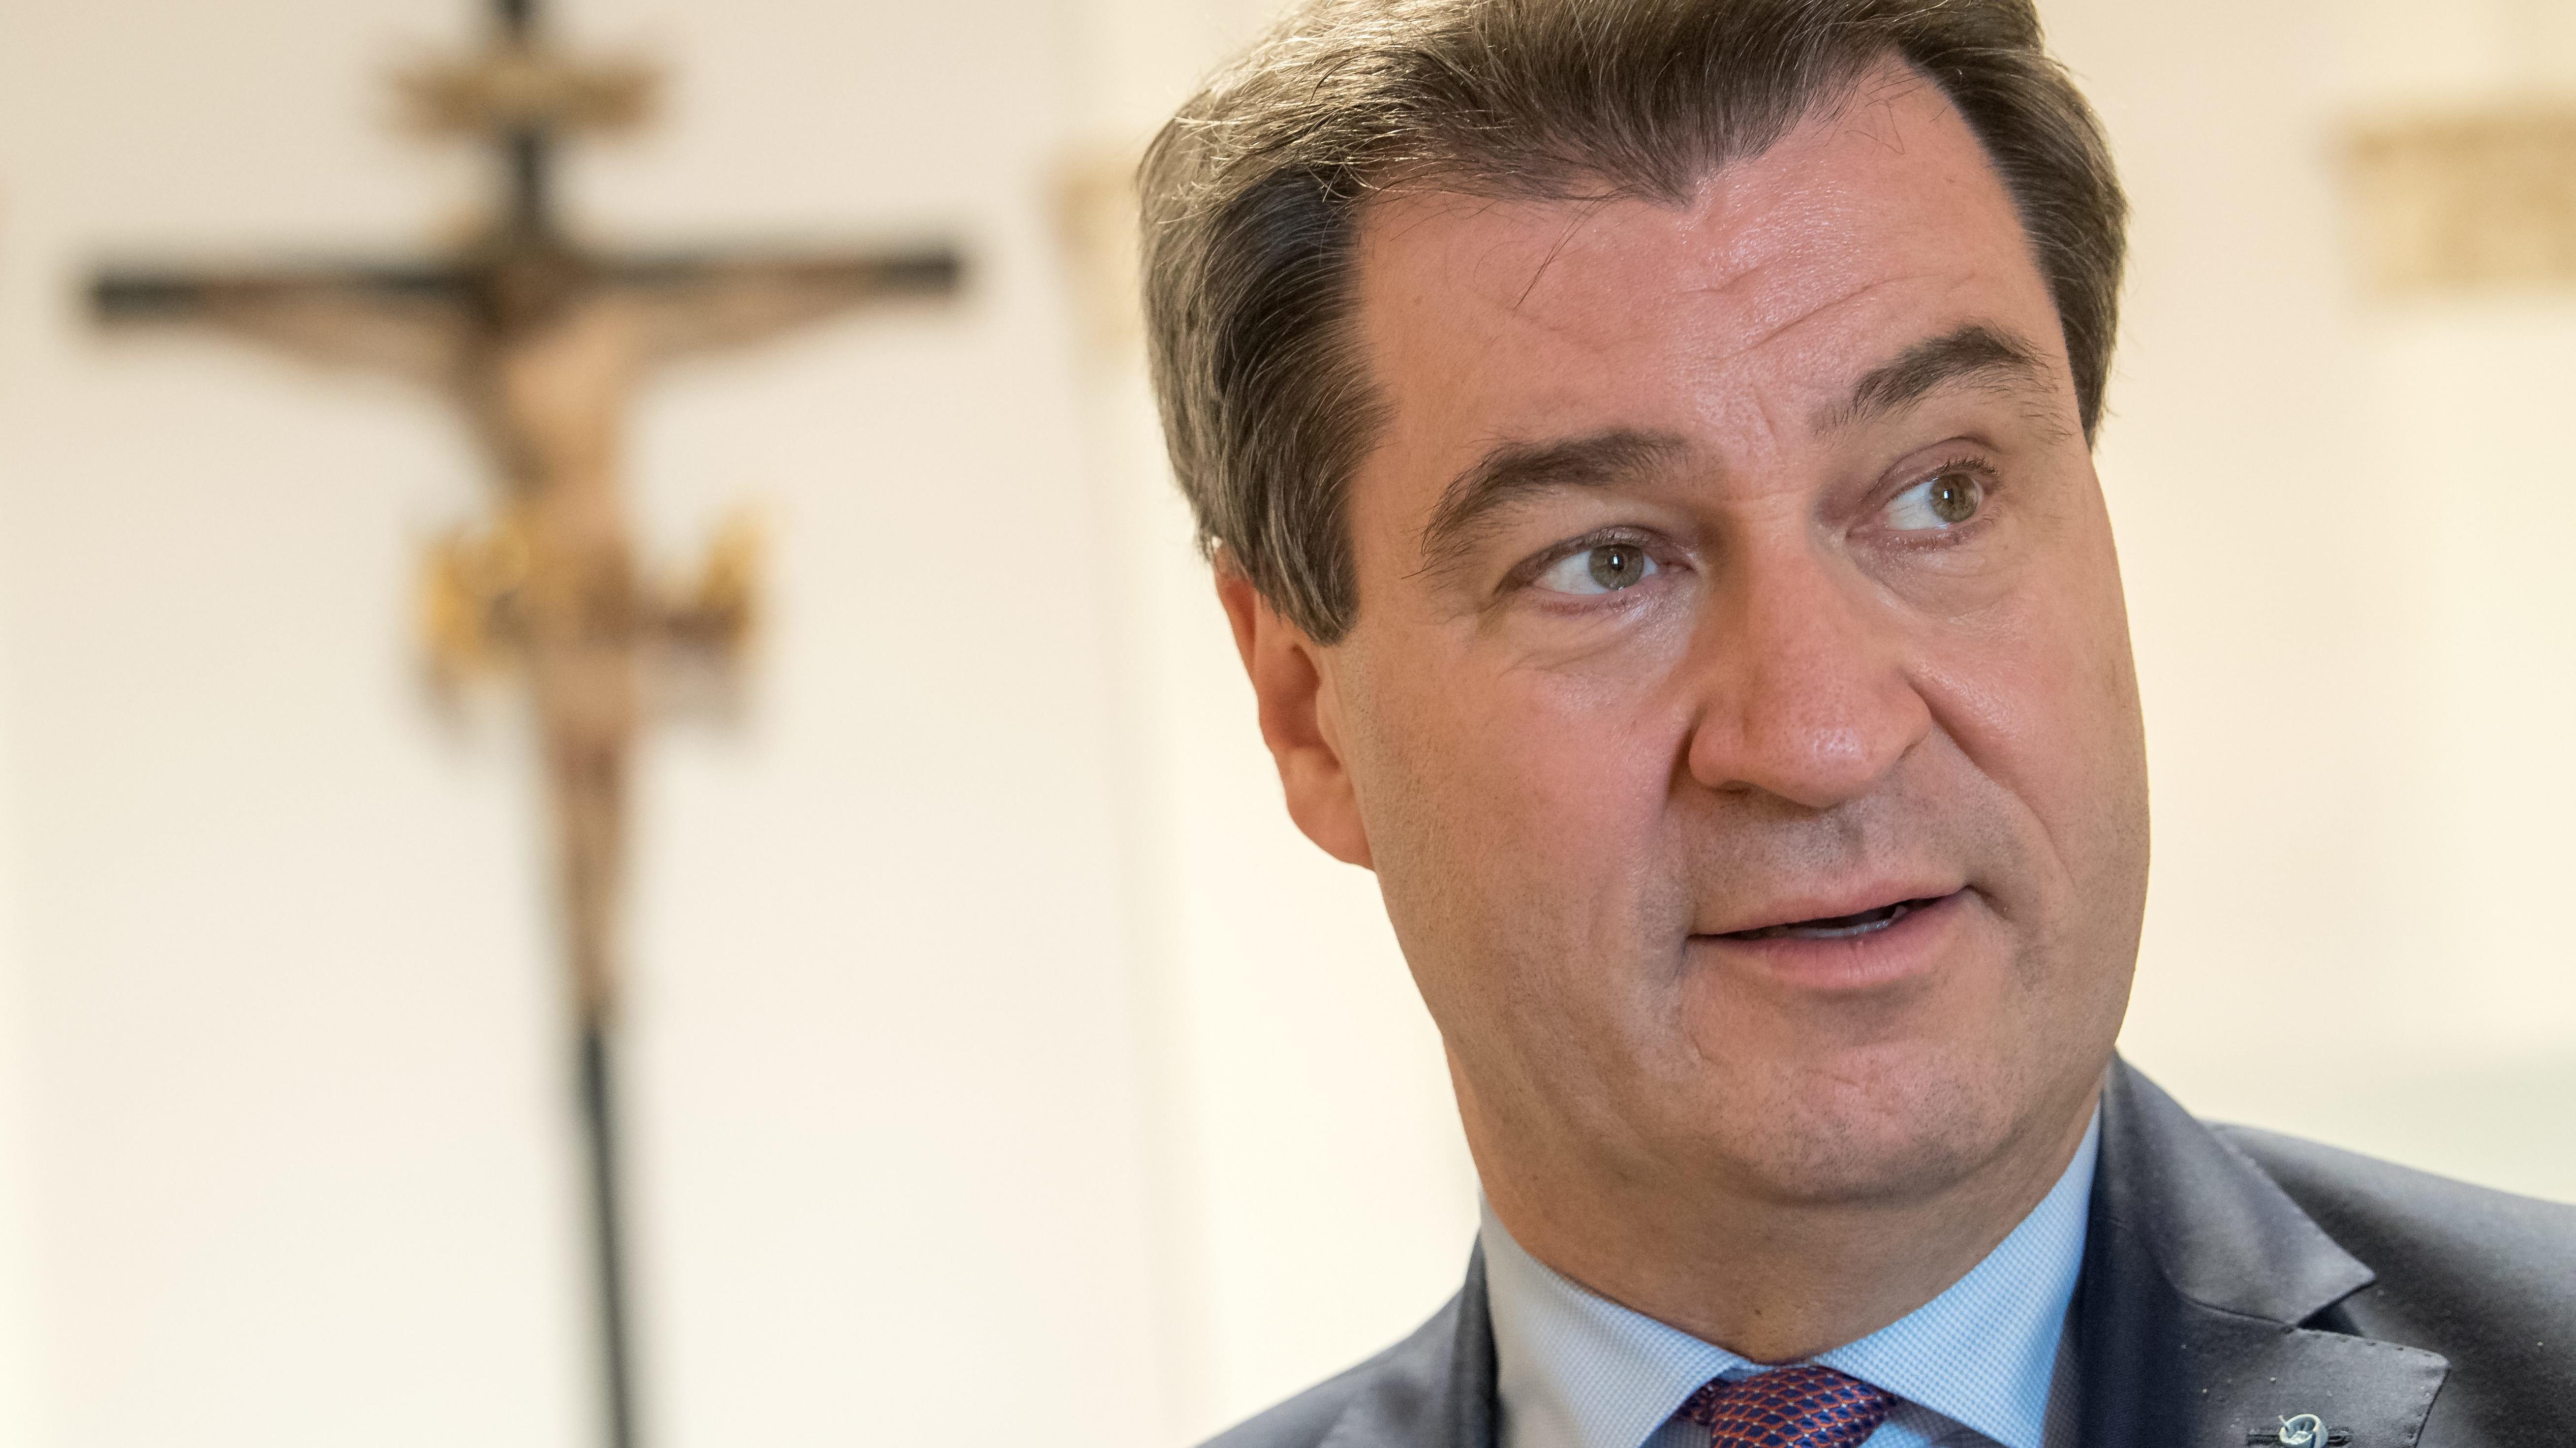 Ministerpräsident Markus Söder mit Kreuz im Hintergrund.